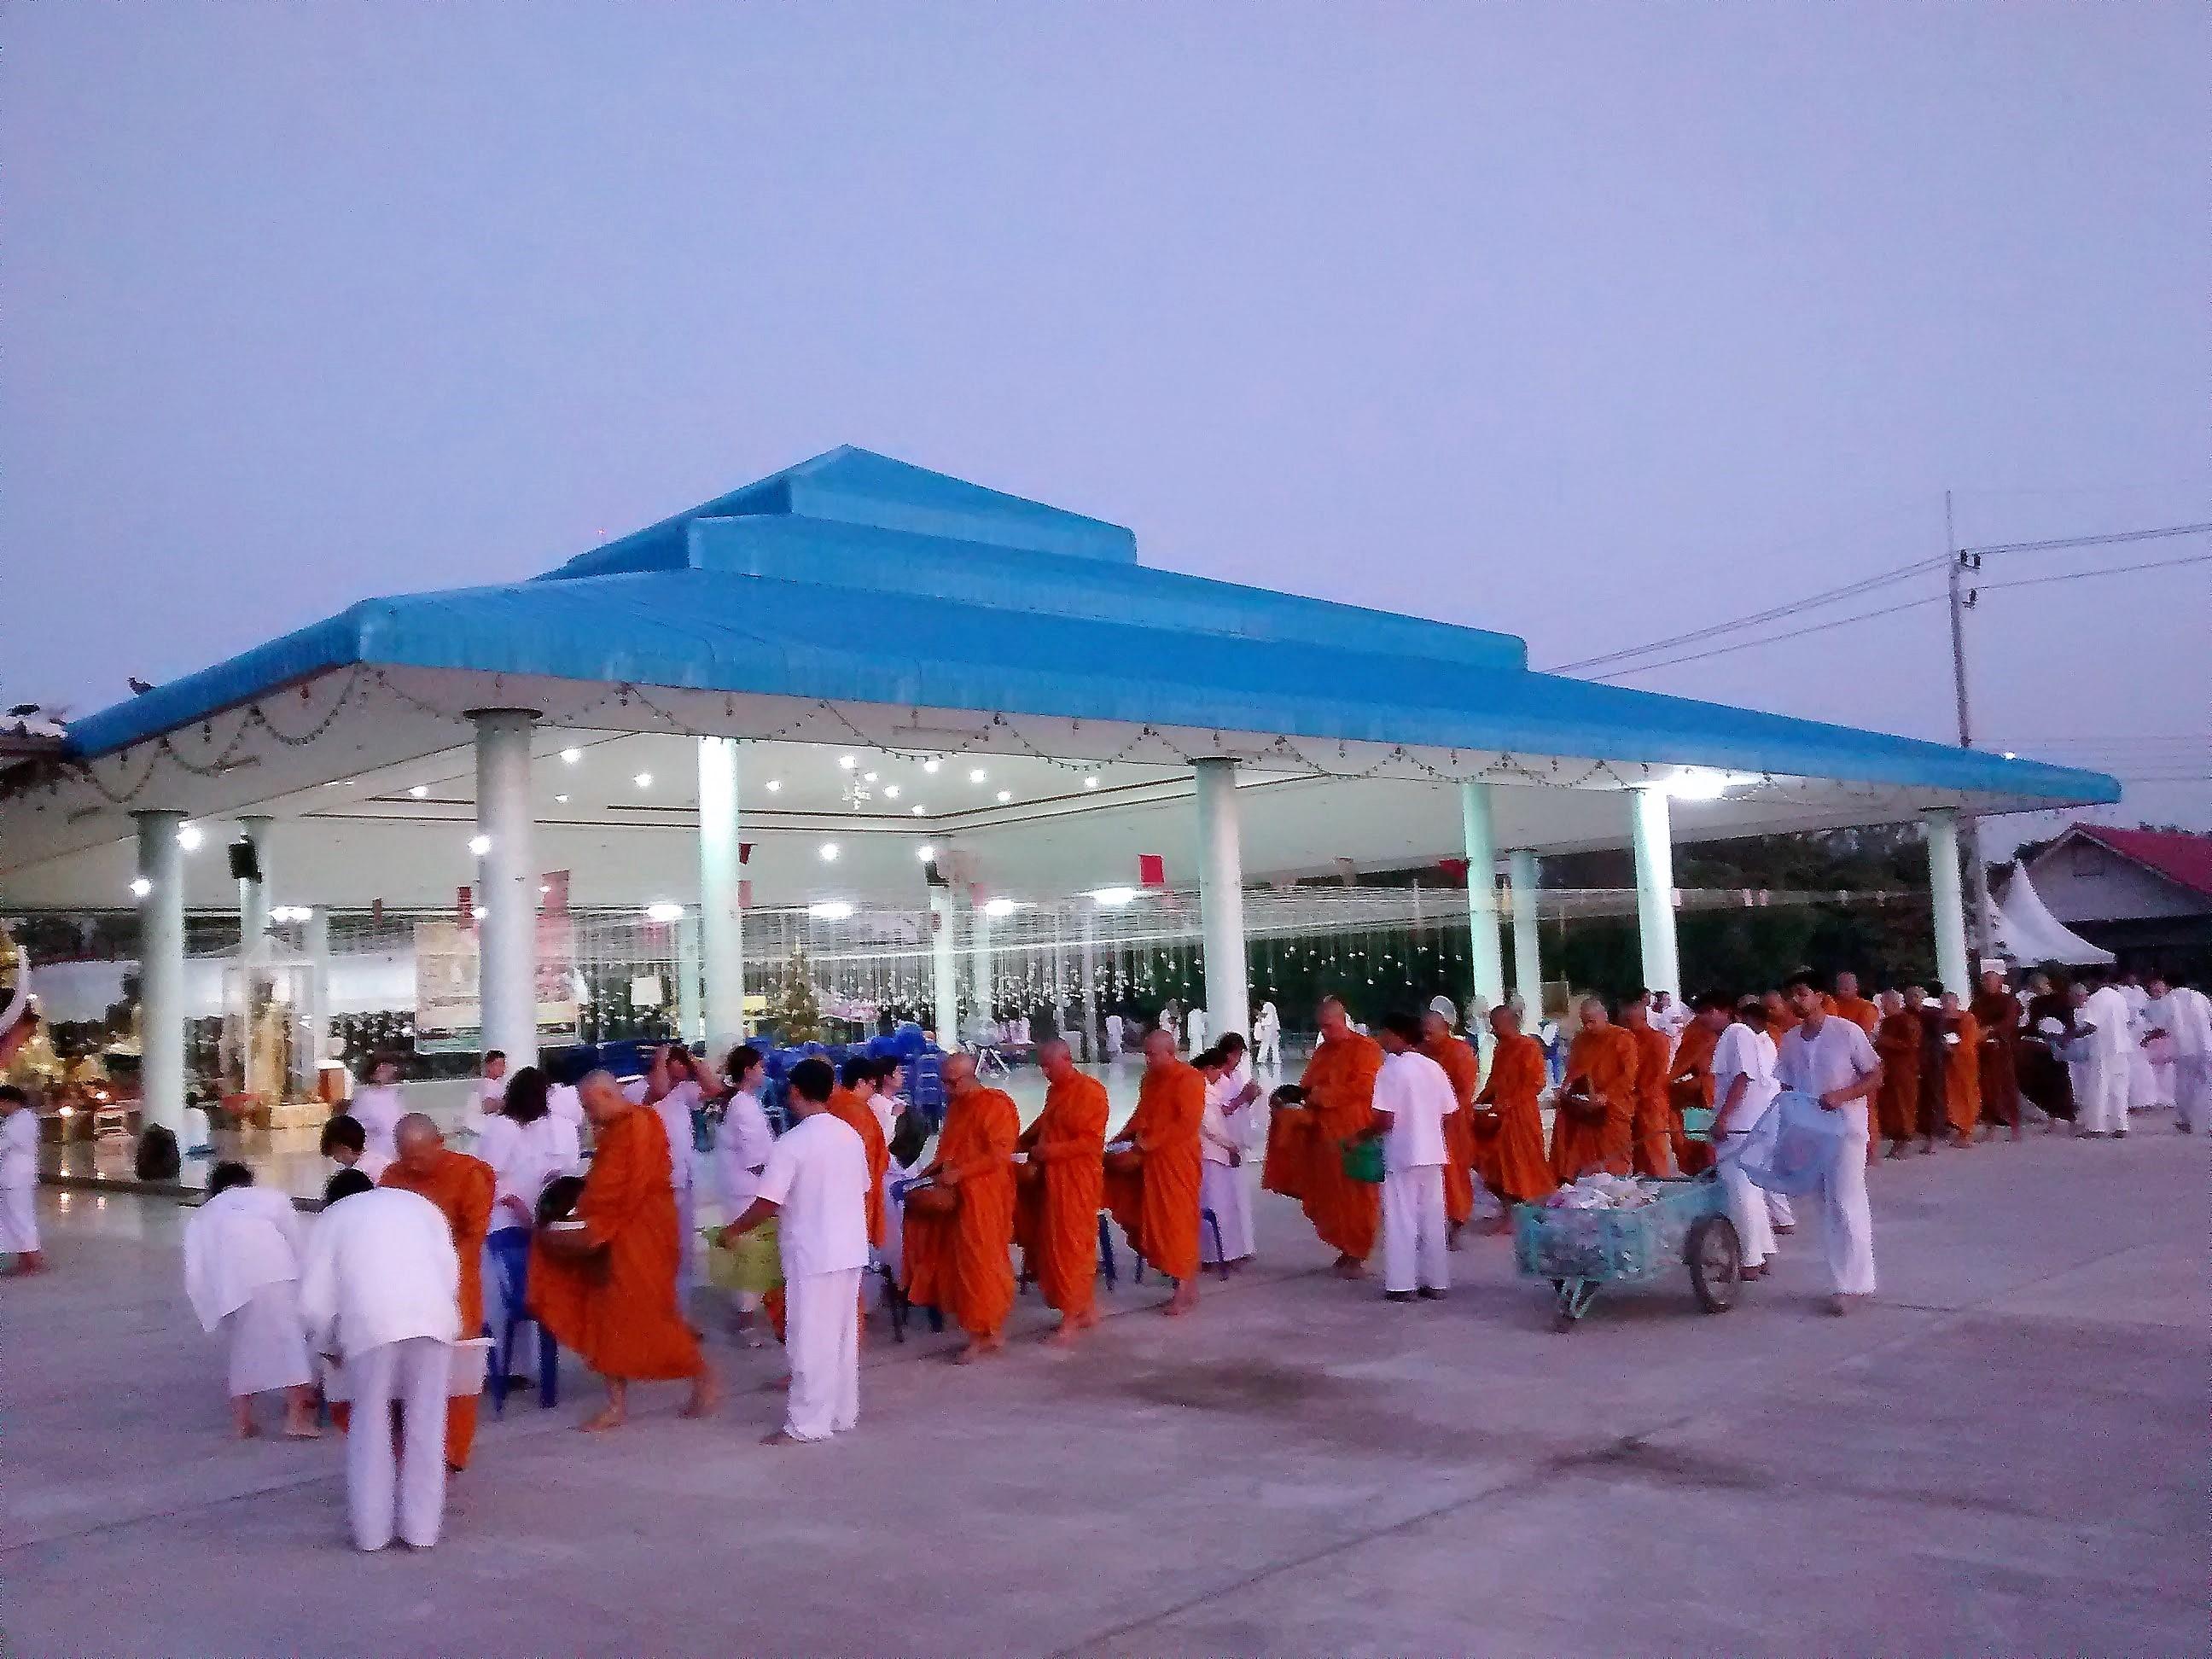 Monges recebem doacao no Templo